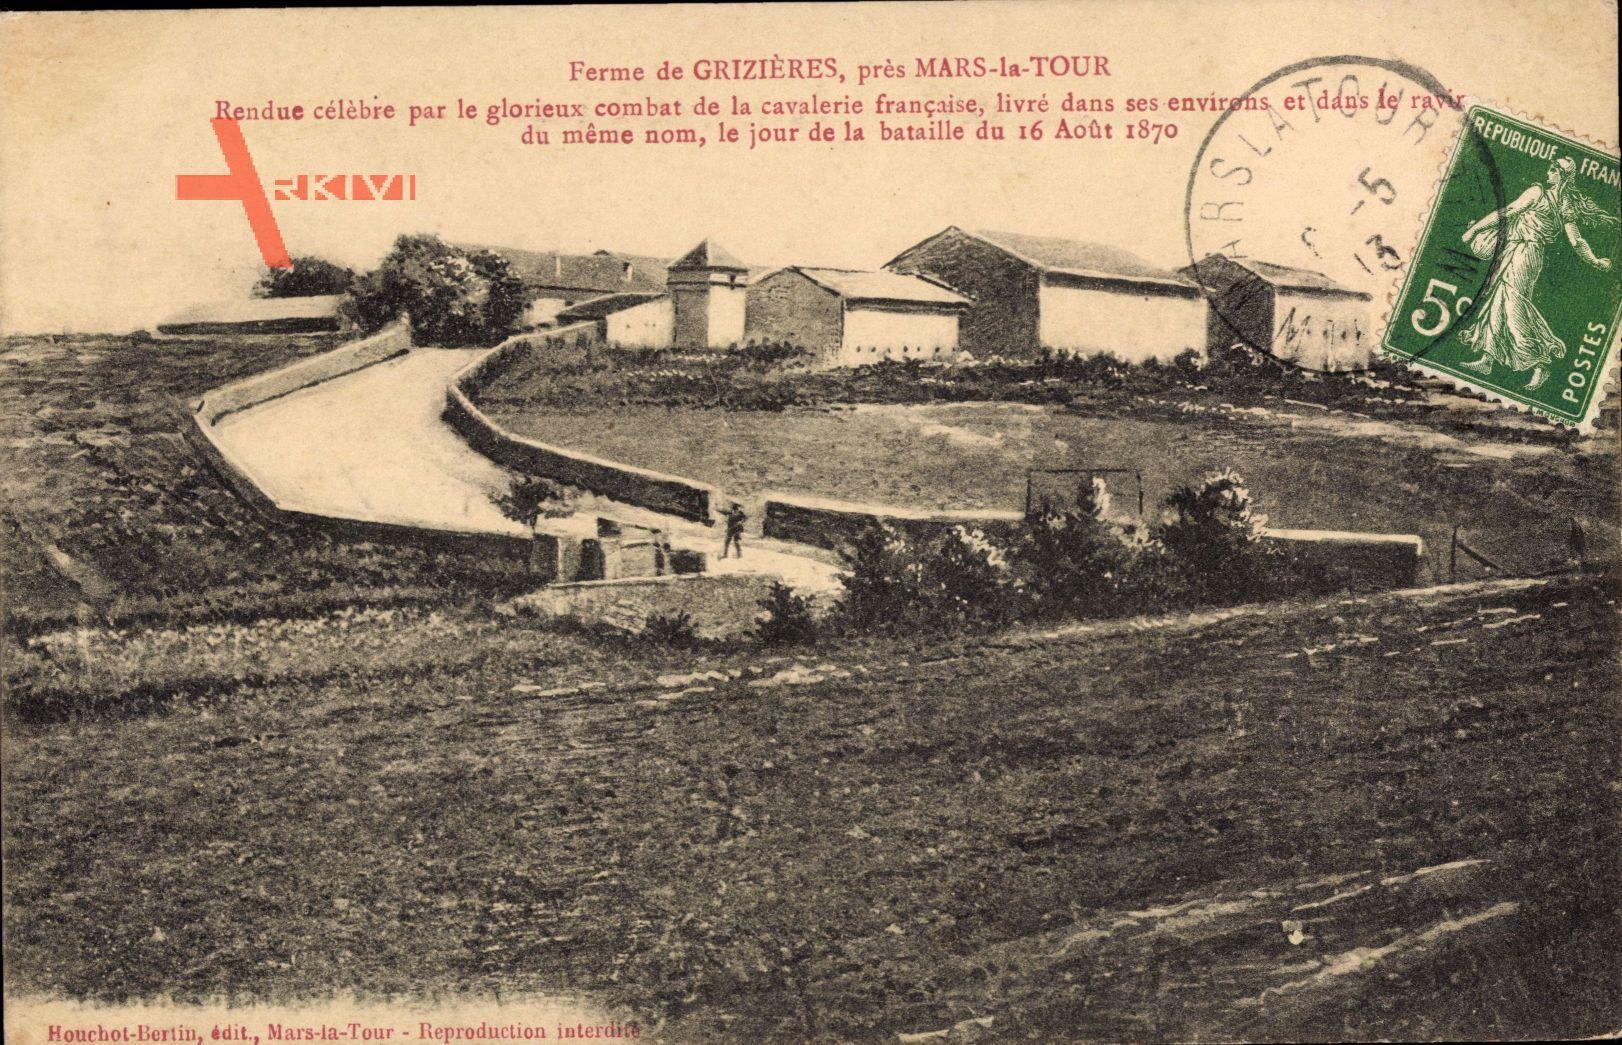 Grizieres Meurthe et Moselle, Ferme, Rendue celebre par le combat 16.08.1870